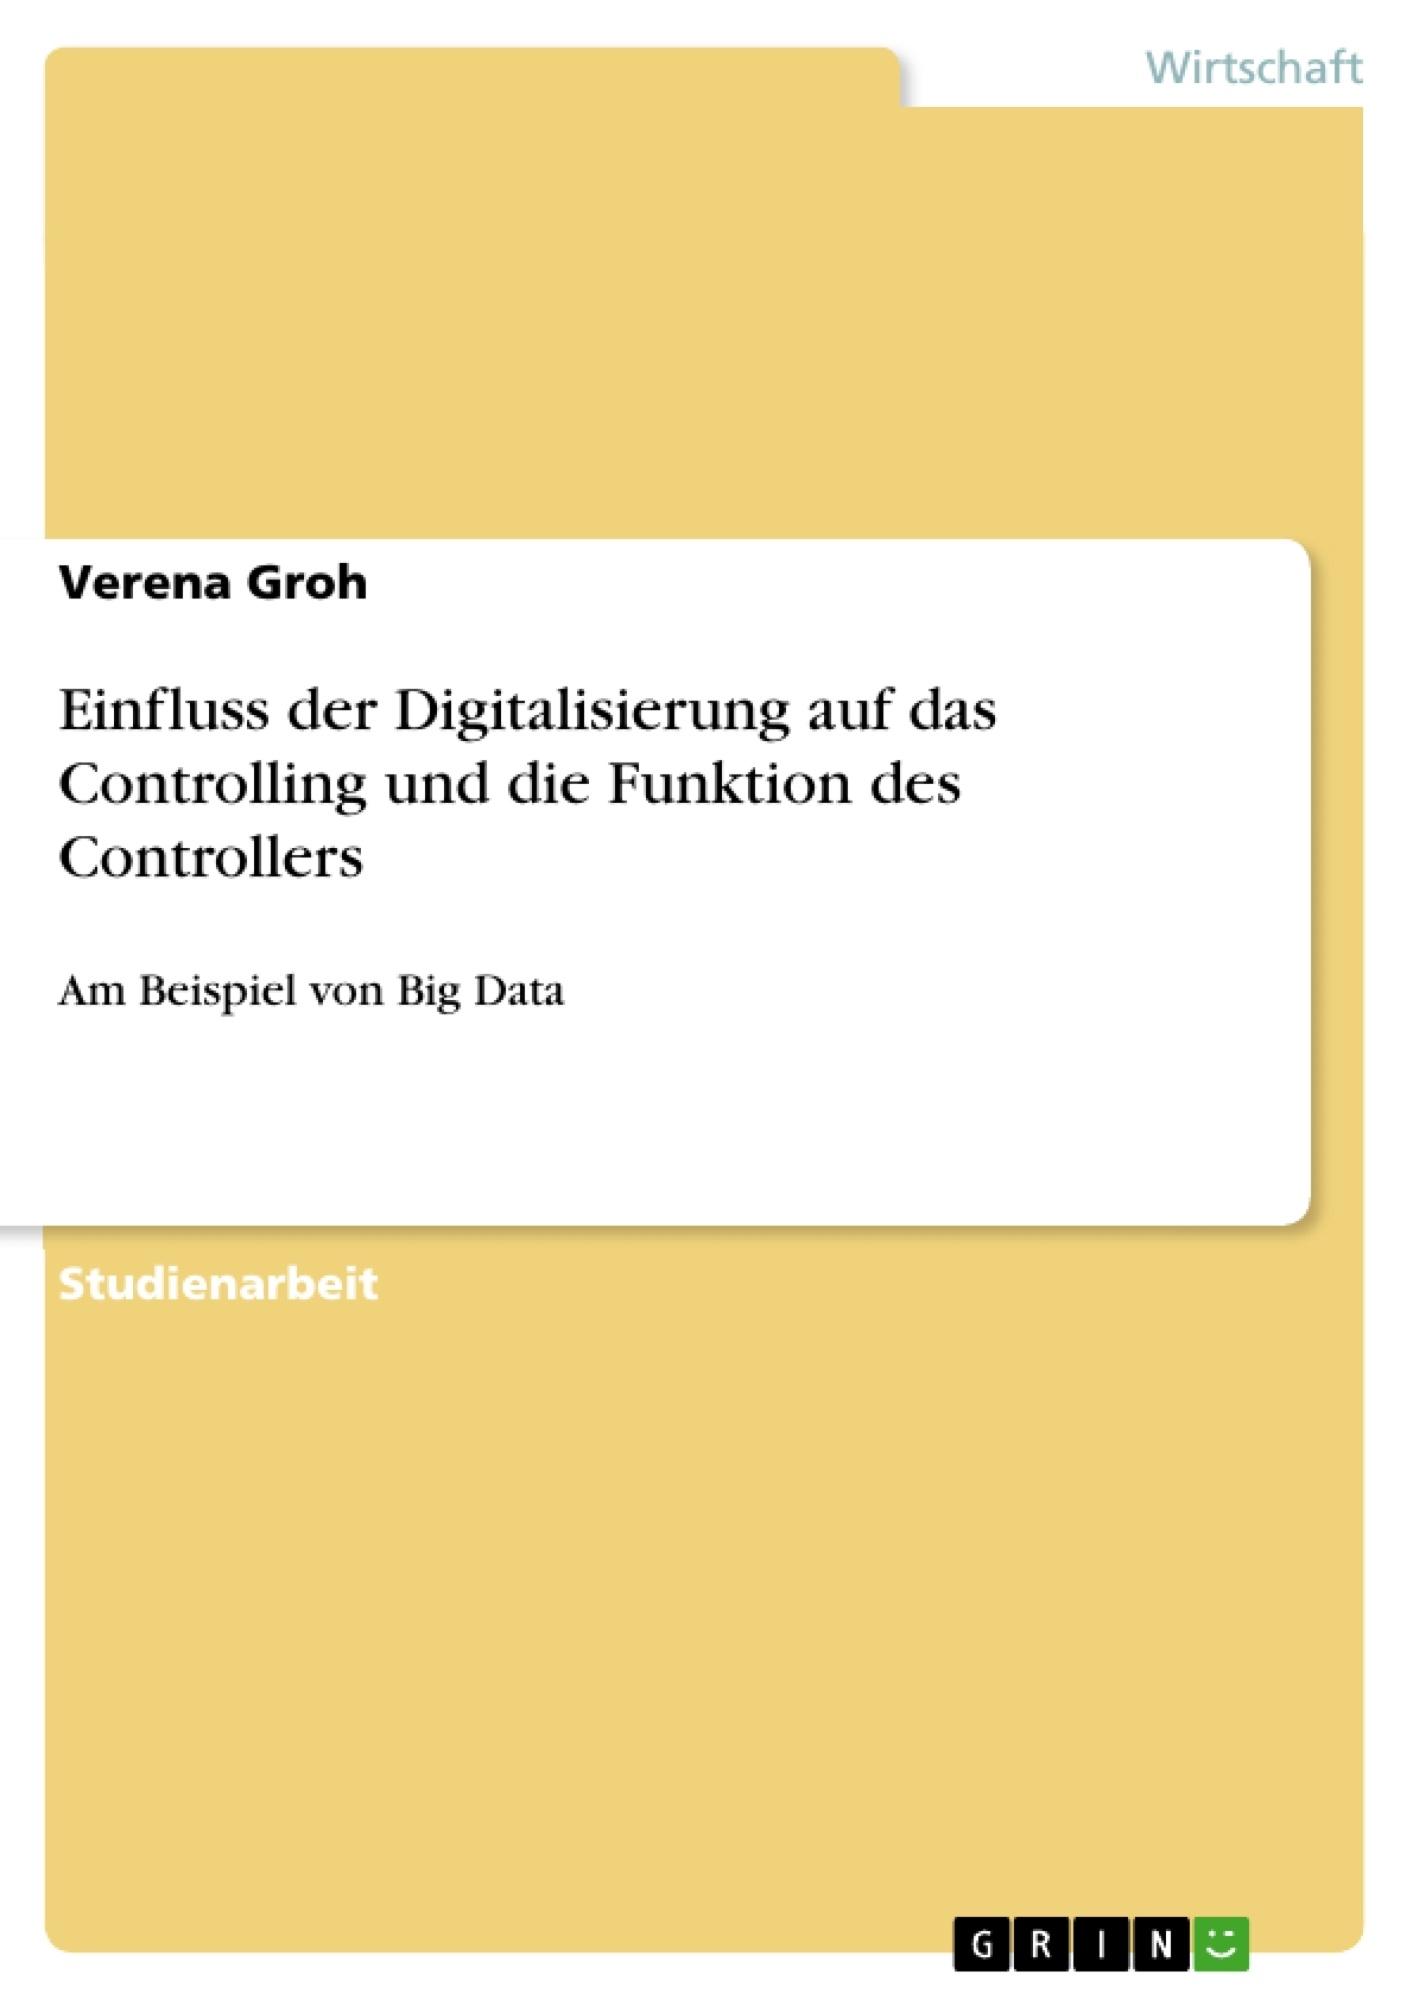 Titel: Einfluss der Digitalisierung auf das Controlling und die Funktion des Controllers